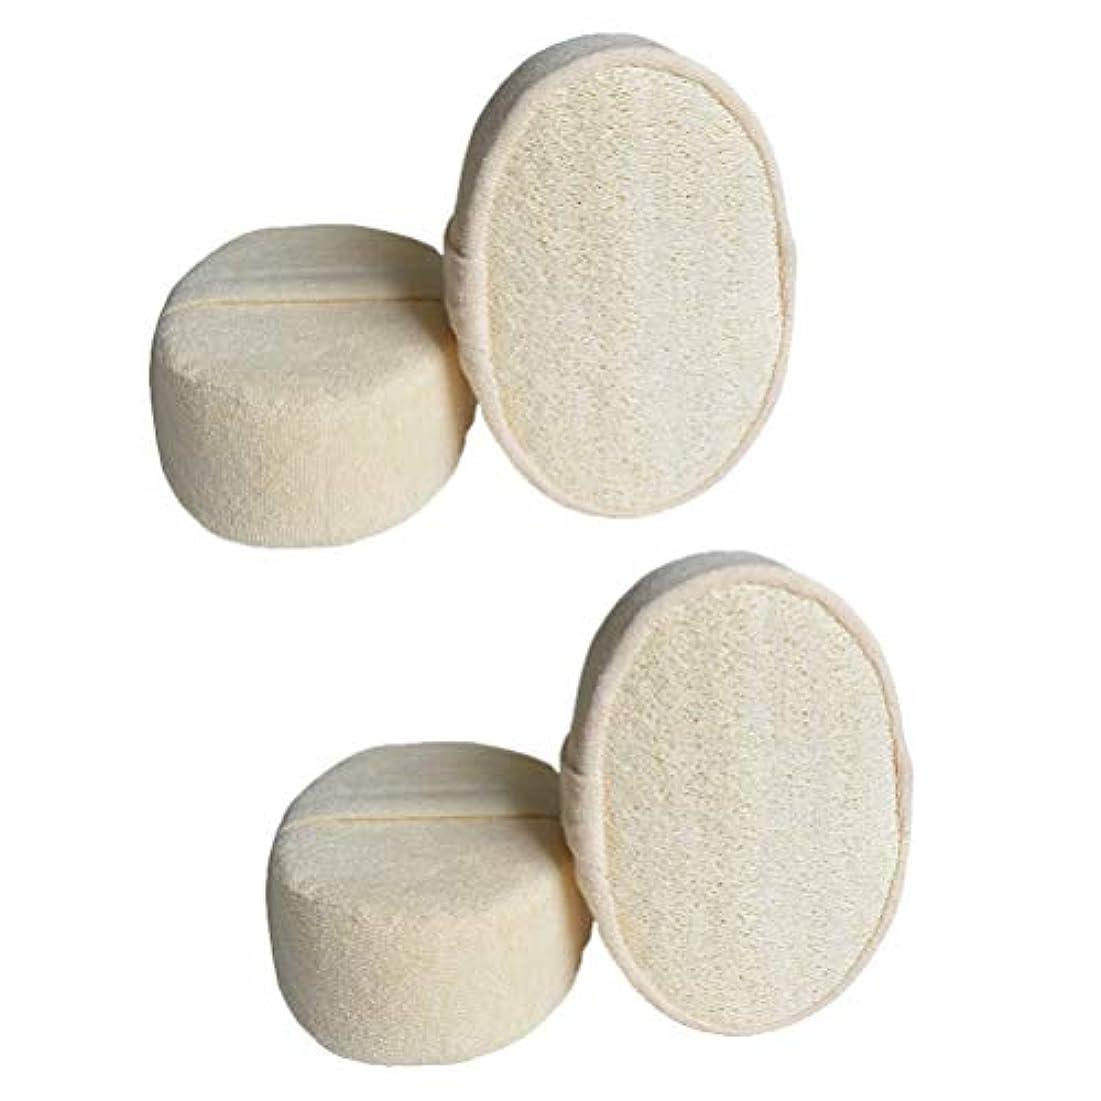 吸収想定するアートHealifty 4ピース剥離剥離剤パッドloofaスポンジスクラバーブラシ用風呂スパシャワー